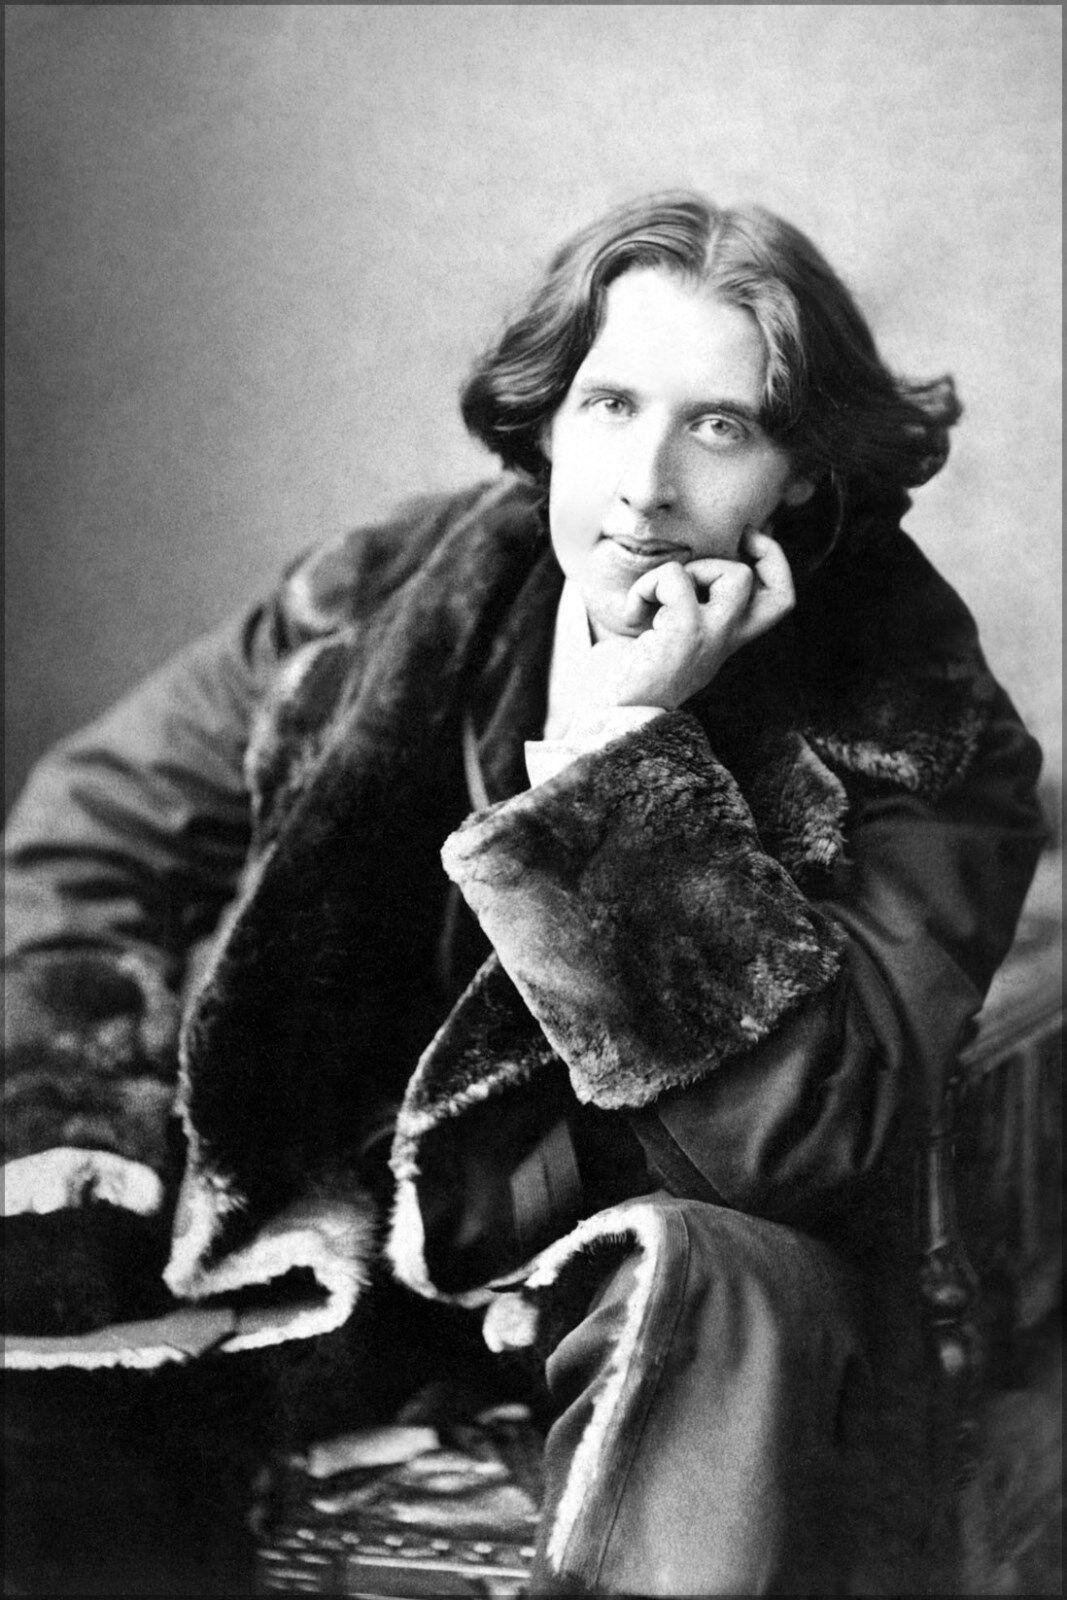 Poster, Wilde Molte Misure ; Oscar Wilde Poster, in Suo di Lui Favorite Rivestimento, e6b0c1